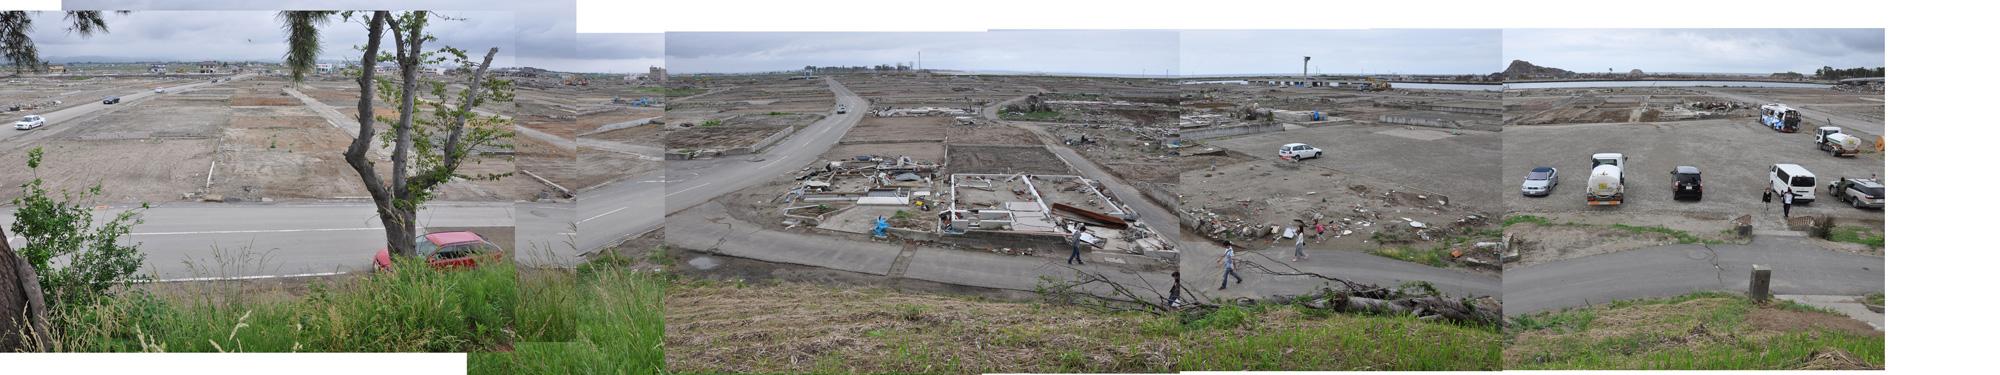 閖上日和山定点観測(西北西-東南東)2011年6月